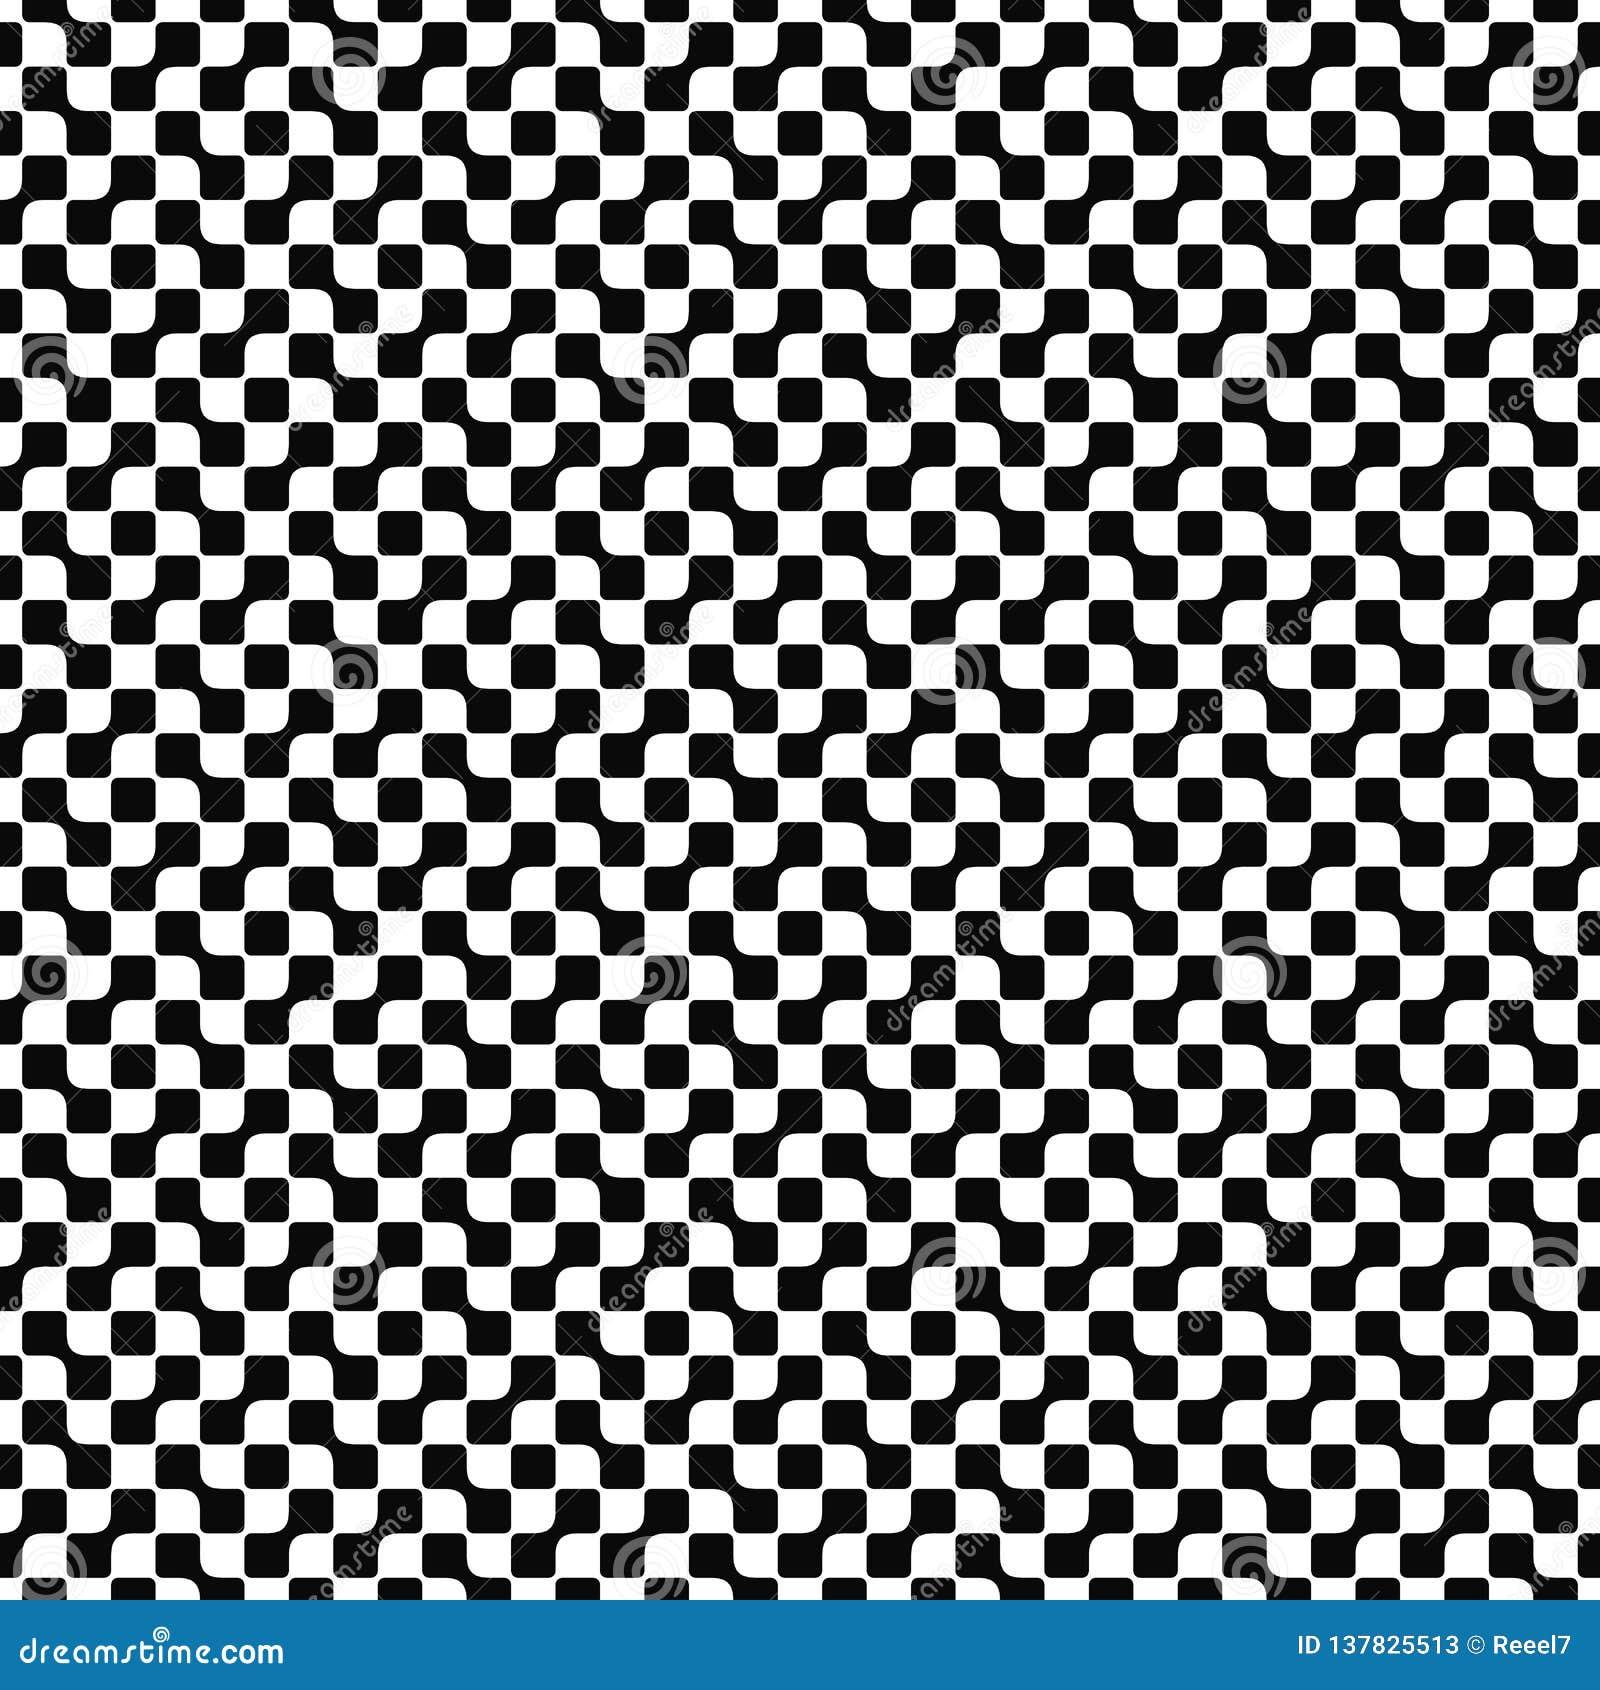 Διανυσματικό άνευ ραφής γεωμετρικό πρότυπο Αφηρημένη σύσταση μορφών Γραπτό υπόβαθρο Μονοχρωματικό σχέδιο